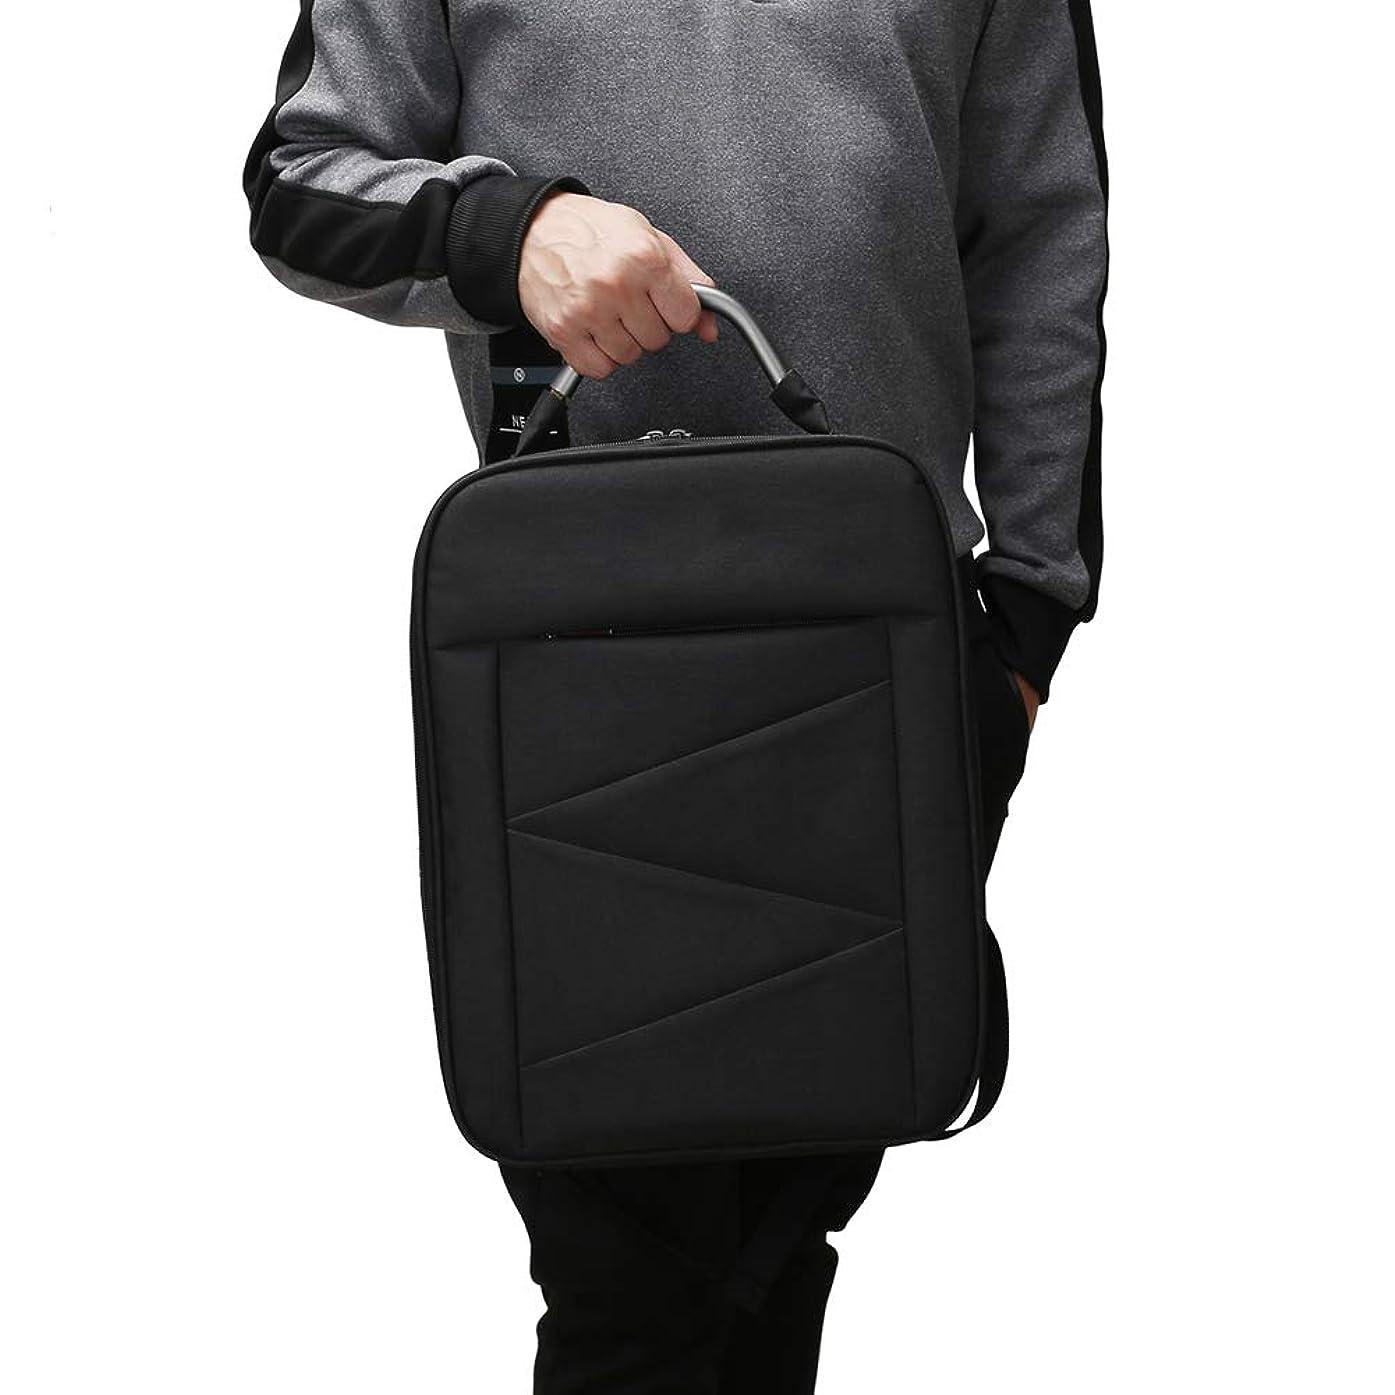 剥離カセット段落Maserfaliw モデル 飛行機 & アクセサリー ショルダーバッグ 防水 トラベルバックパック ショルダーバッグ ストレージ キャリーケース Xiaomi Fimi A3用